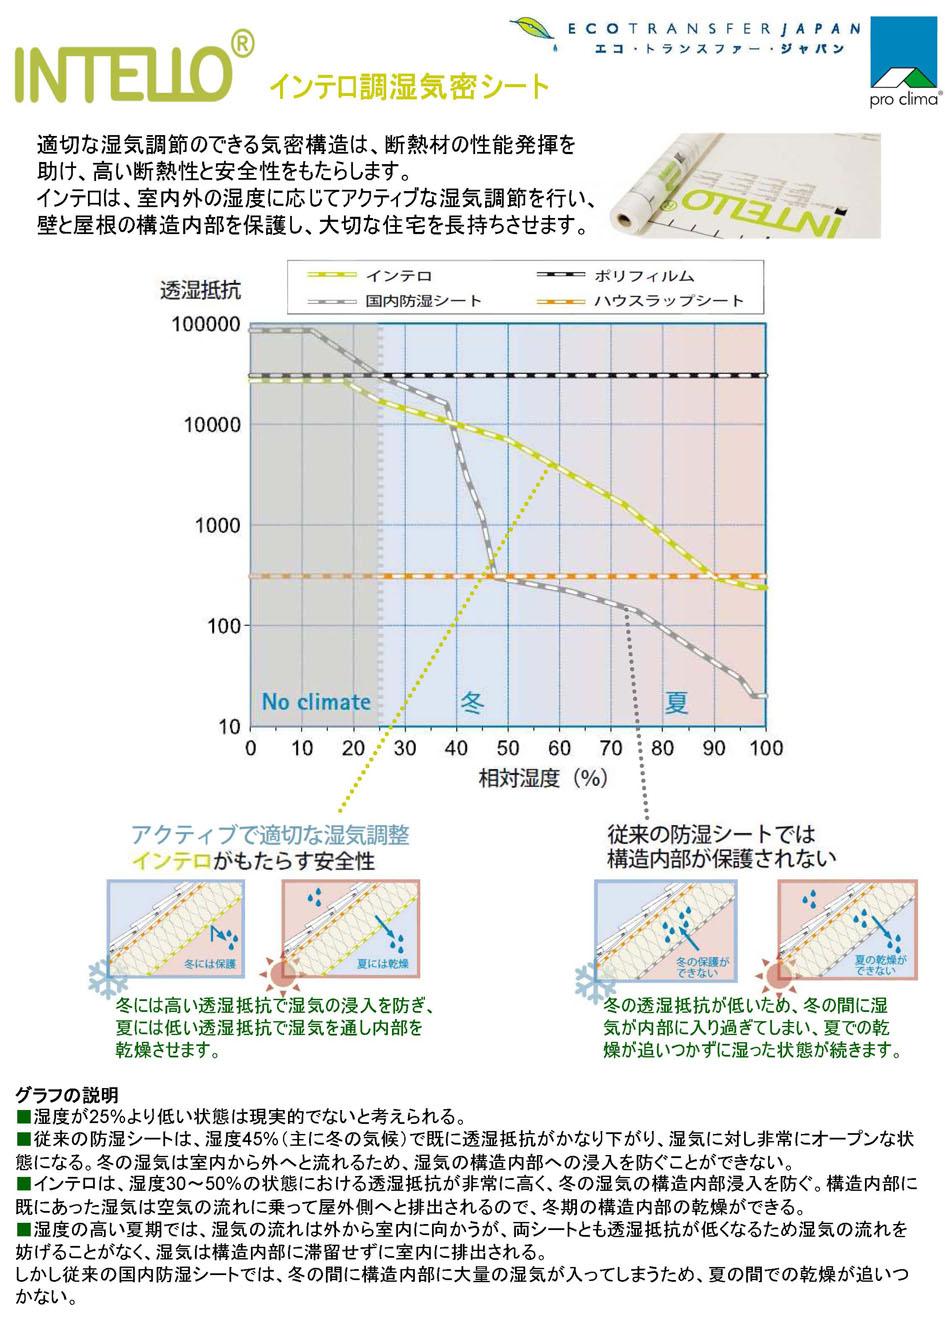 調湿シートのインテロとザバーンの可変透湿抵抗値 1_e0054299_0471874.jpg